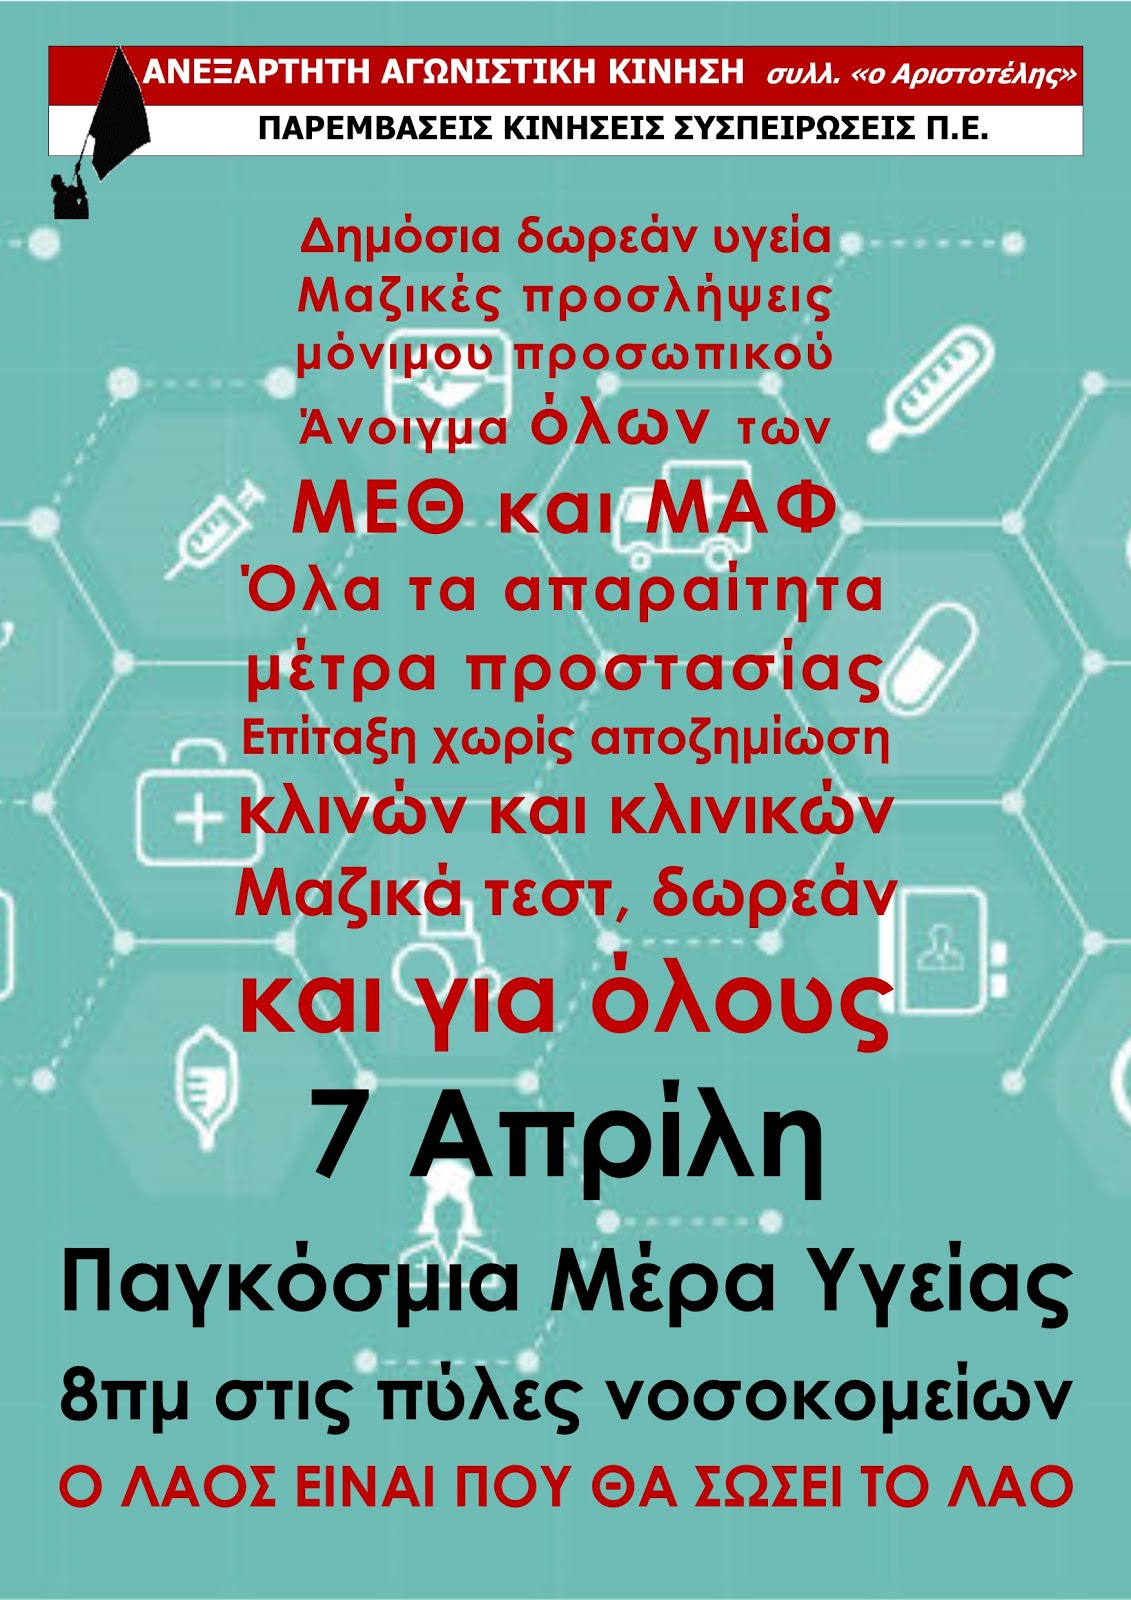 Ο λαός είναι που θα σώσει το λαό - 7 Απρίλη, Παγκόσμια Ημέρα Υγείας